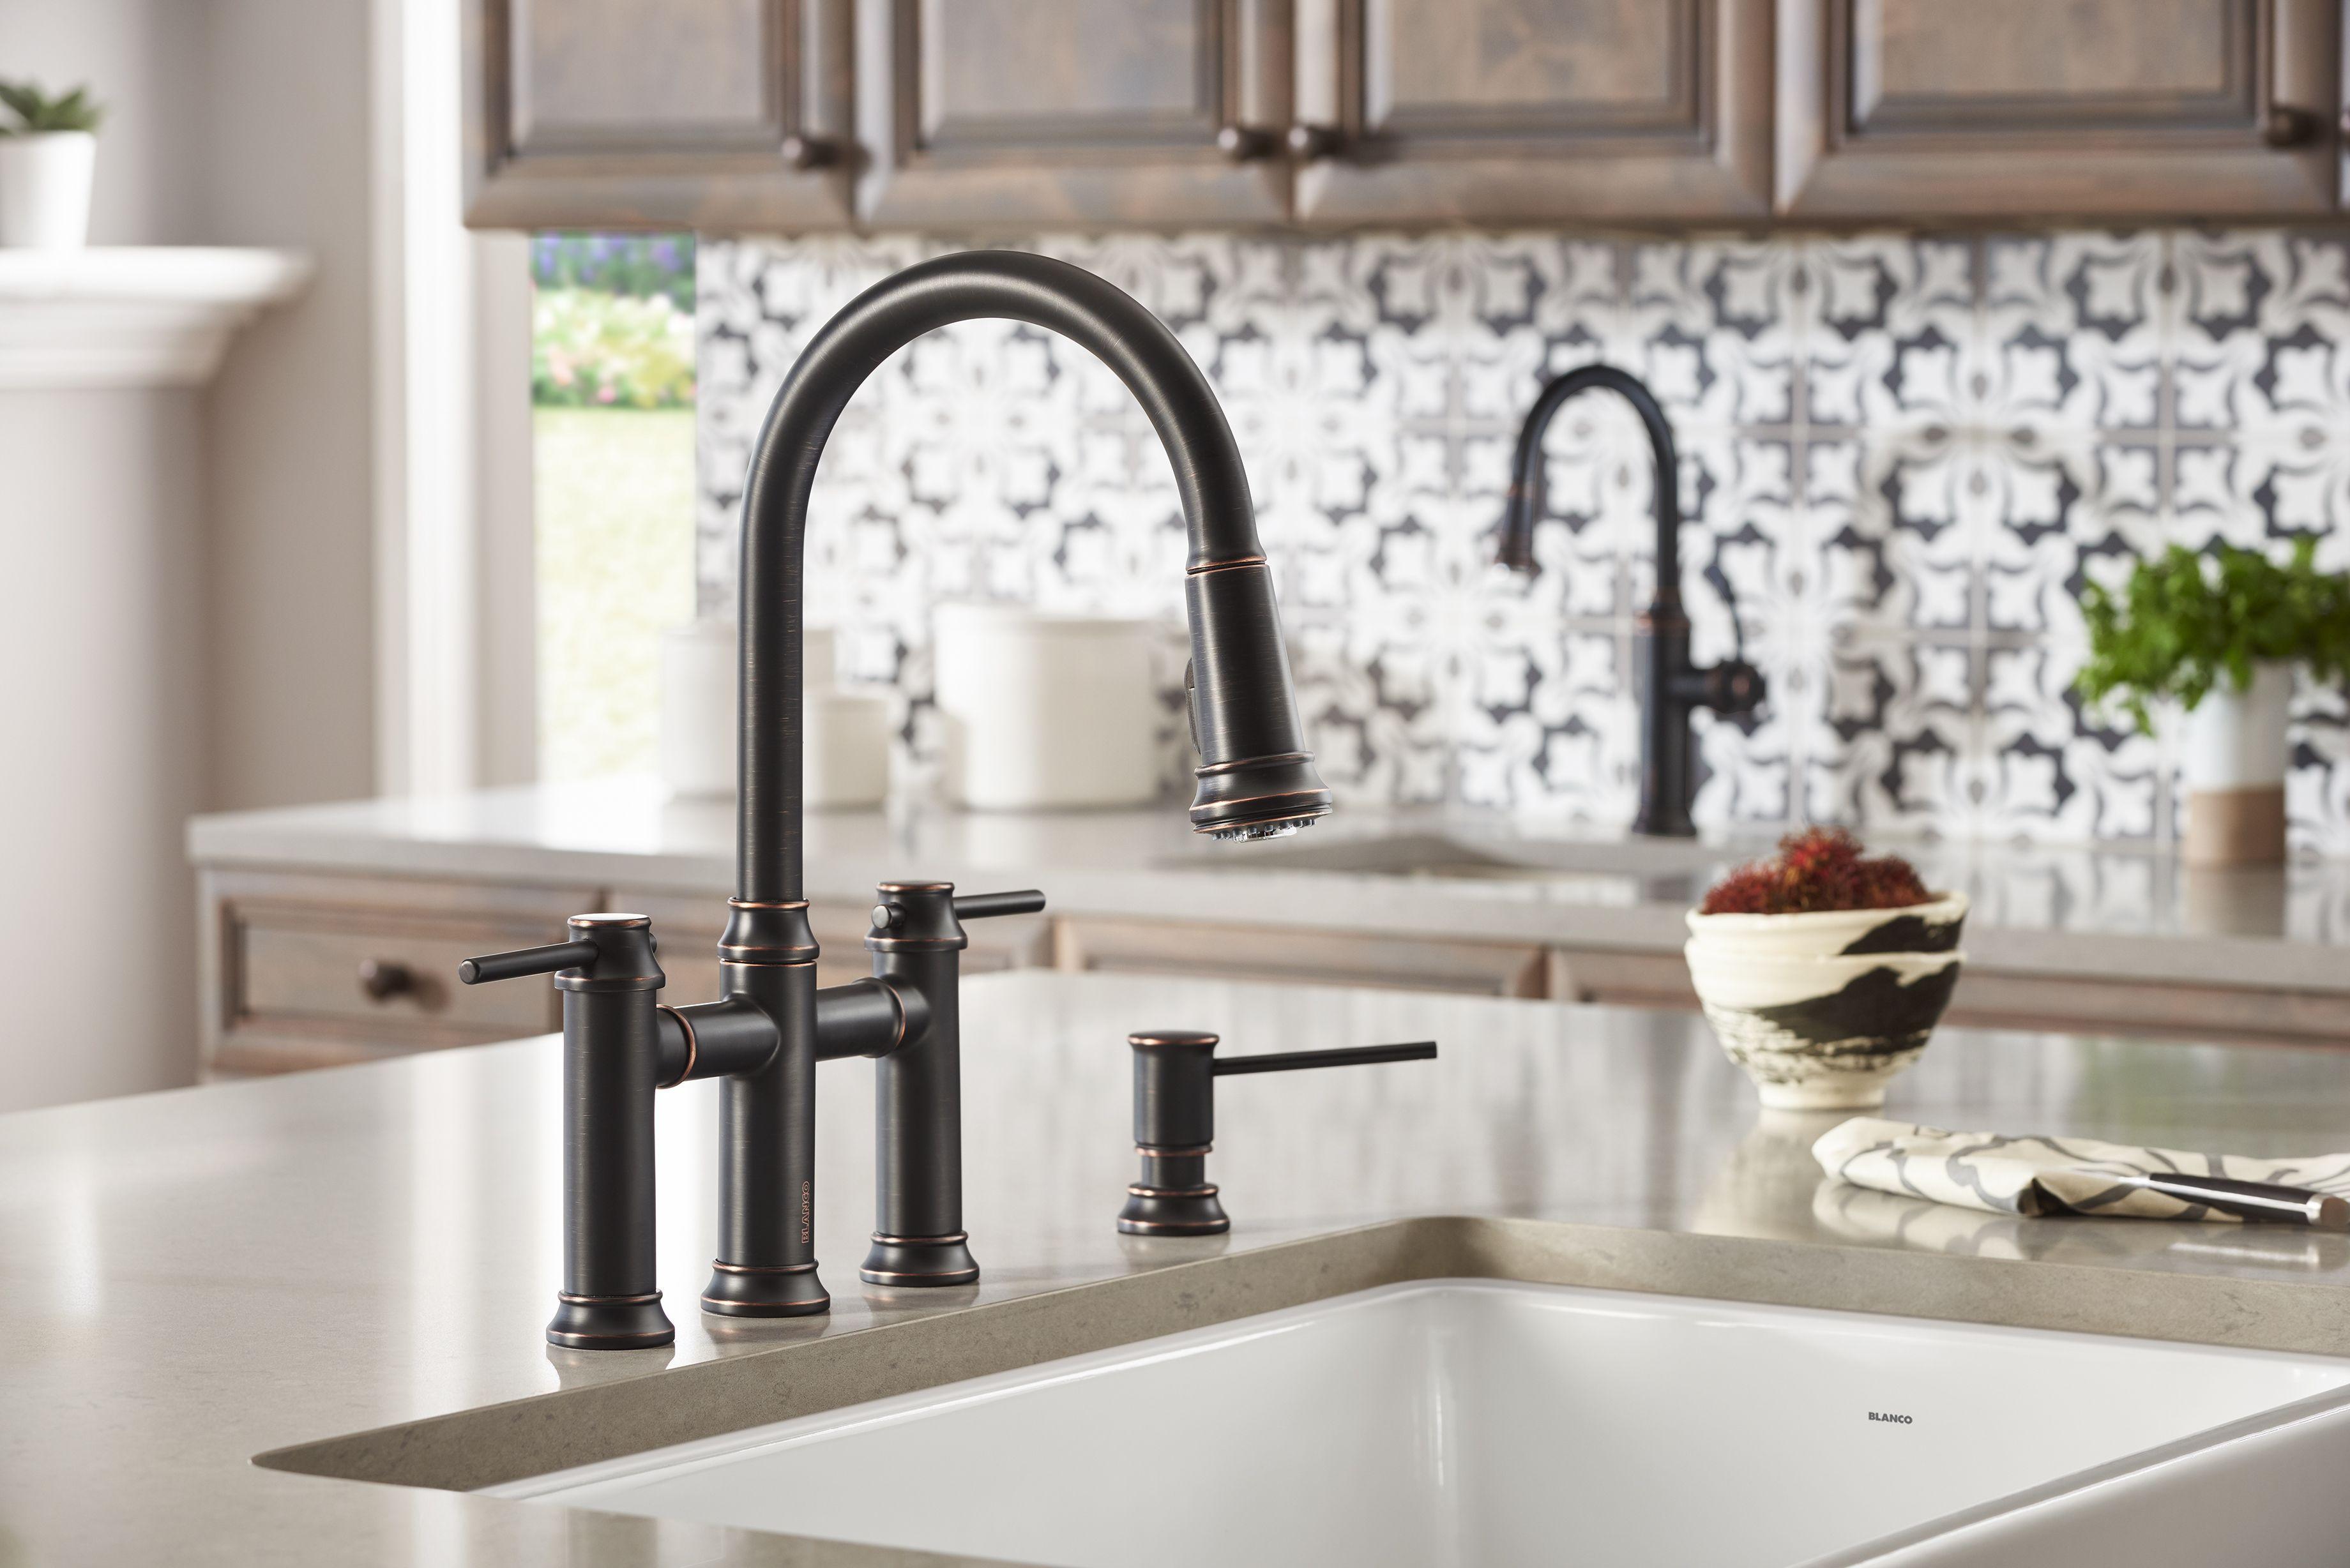 Bronze Faucet Kitchen Faucet Bronze Kitchen Faucet Kitchen Faucet Farmhouse